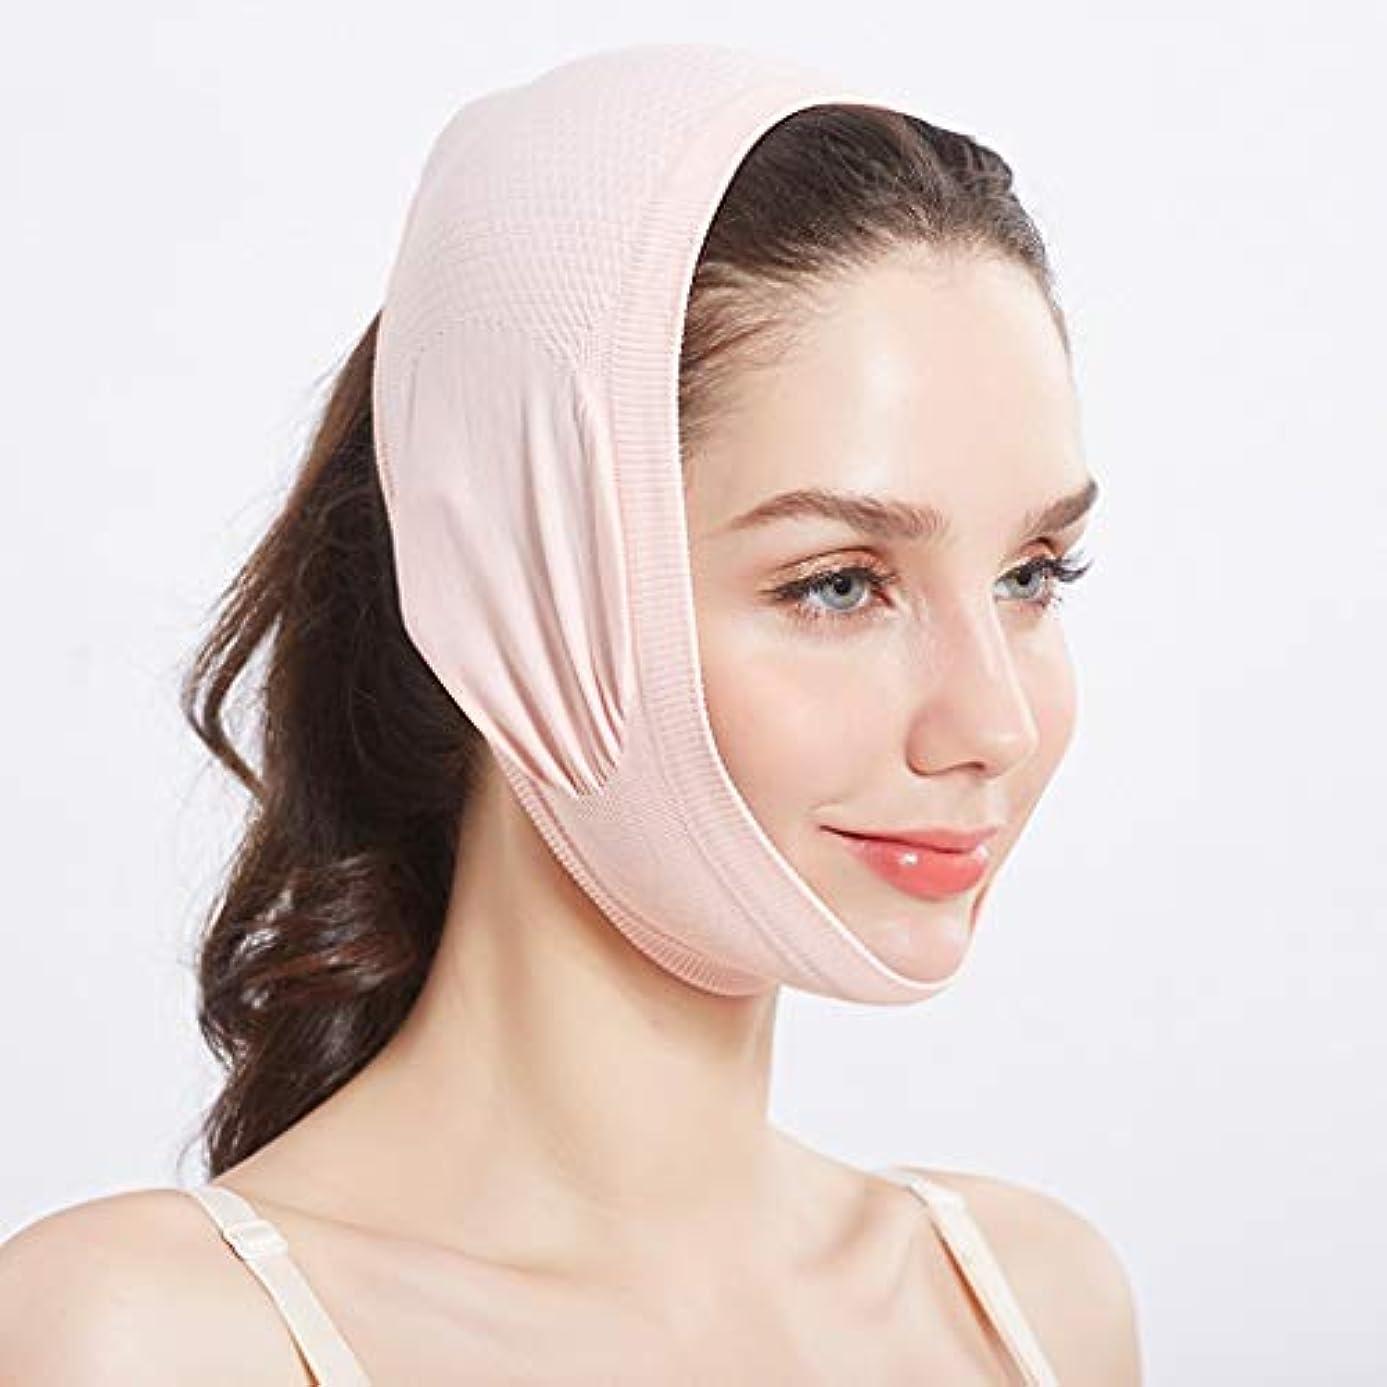 励起ピルファージョセフバンクスMLX Vラインマスク、チンアップパッチ、ダブルチンリデューサー、フェイスリフトは、輪郭がファーミングモイスはオールナイトマスクリフティング、二重あごのマスク (Color : Pink)